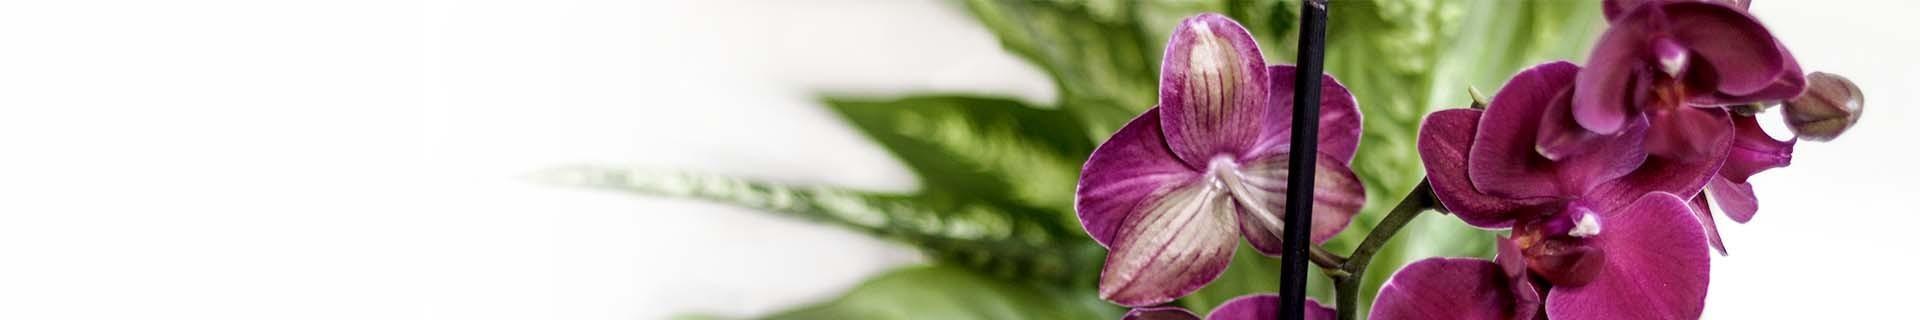 Plantes i llavors